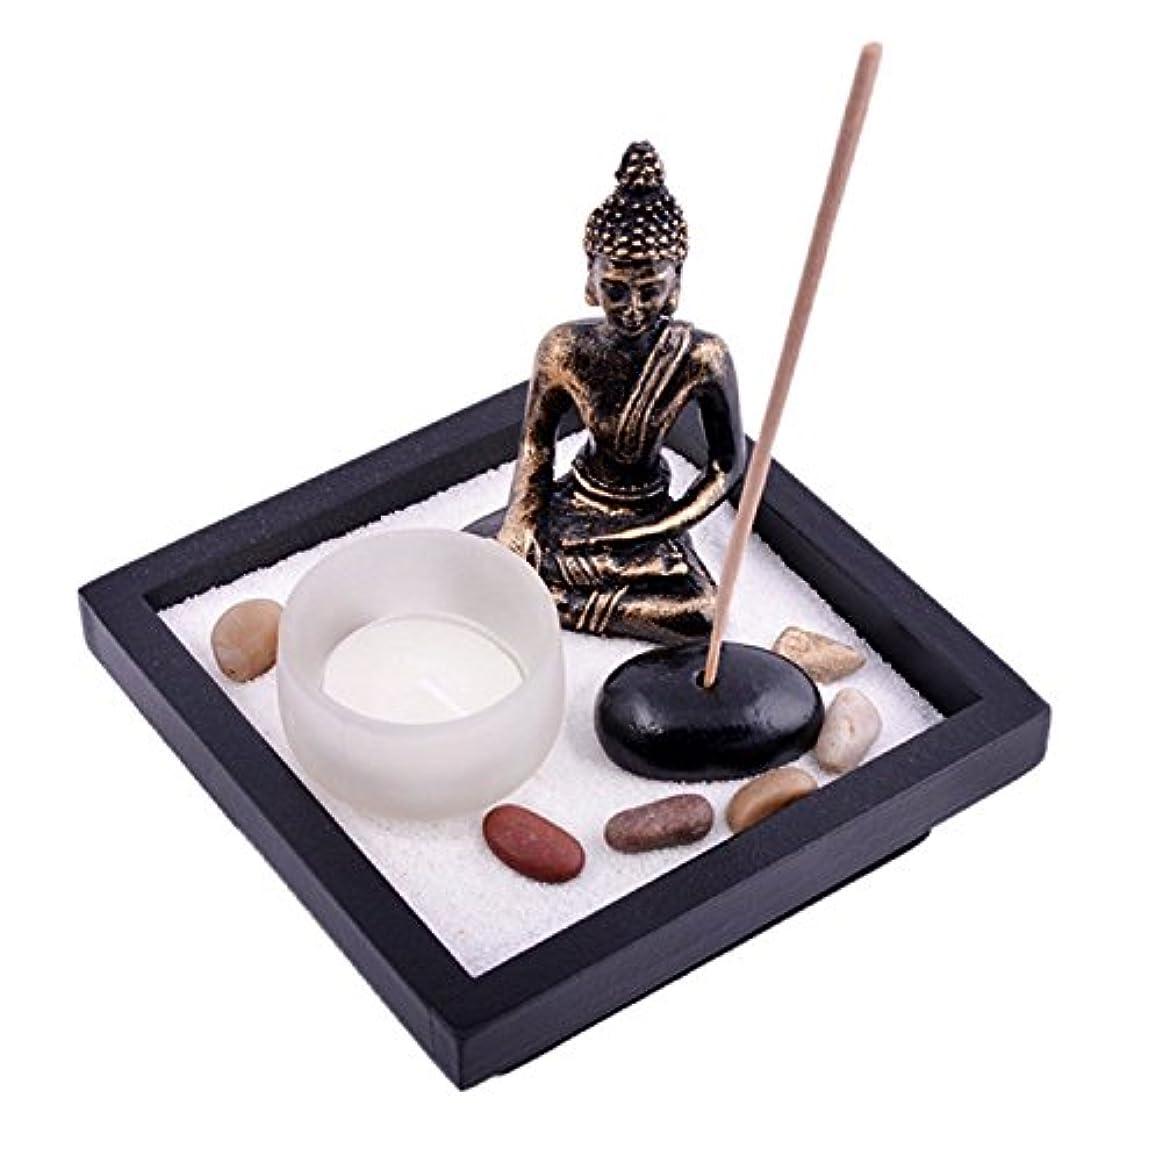 アミューズかどうかメッセンジャーThy Collectibles Asian Japanese Feng Shui砂Zen Garden Buddha Tealight & Incense Holder yd50